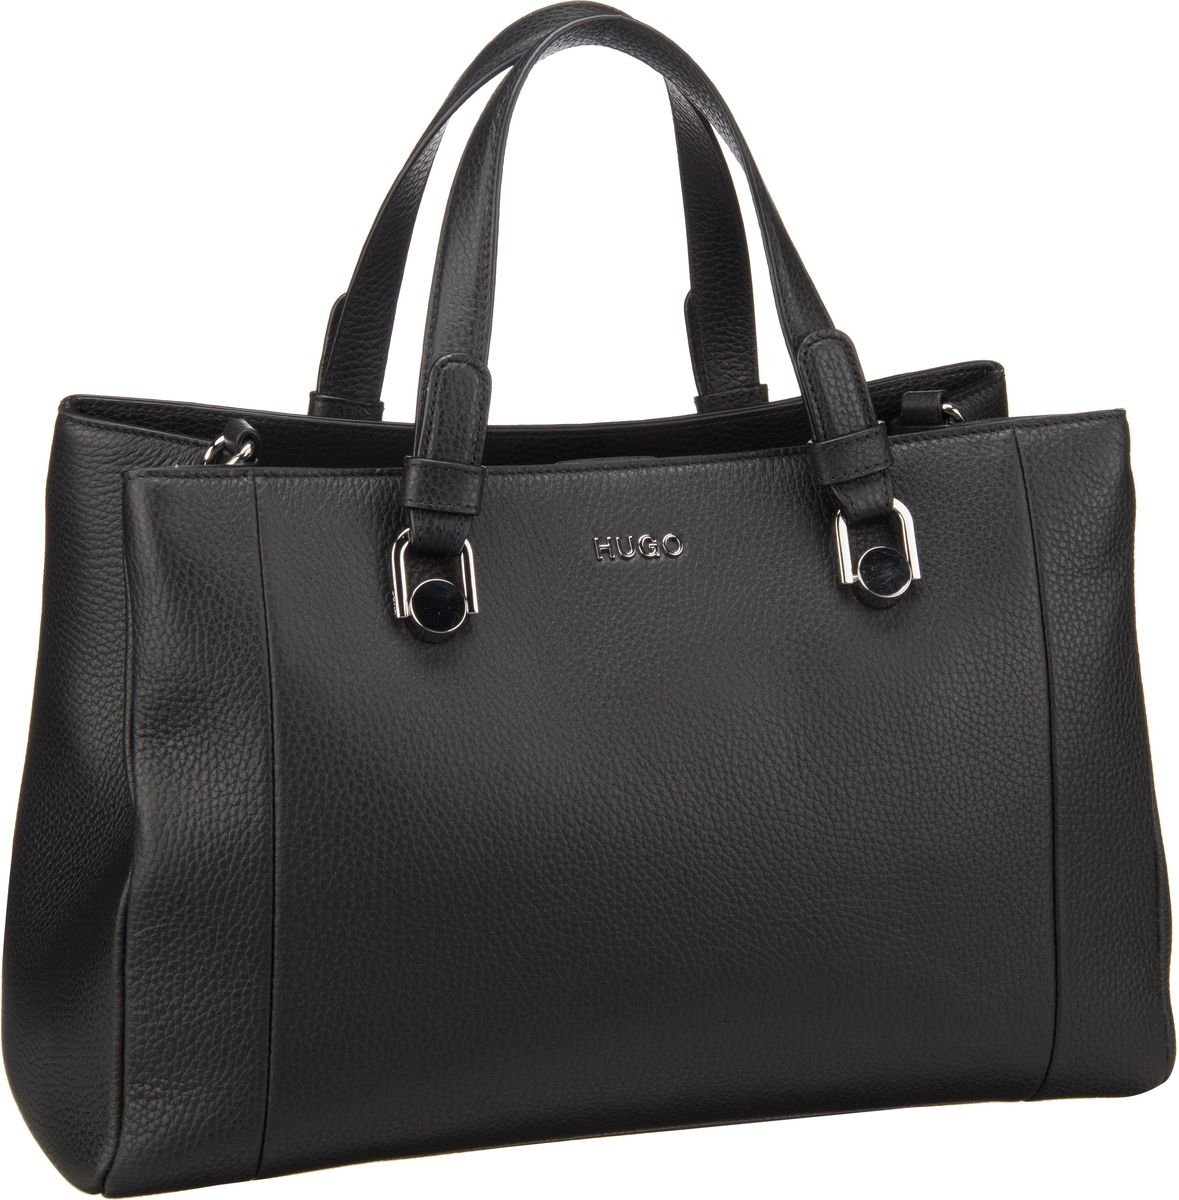 HUGO Handtasche Mayfair Tote 397579 Black